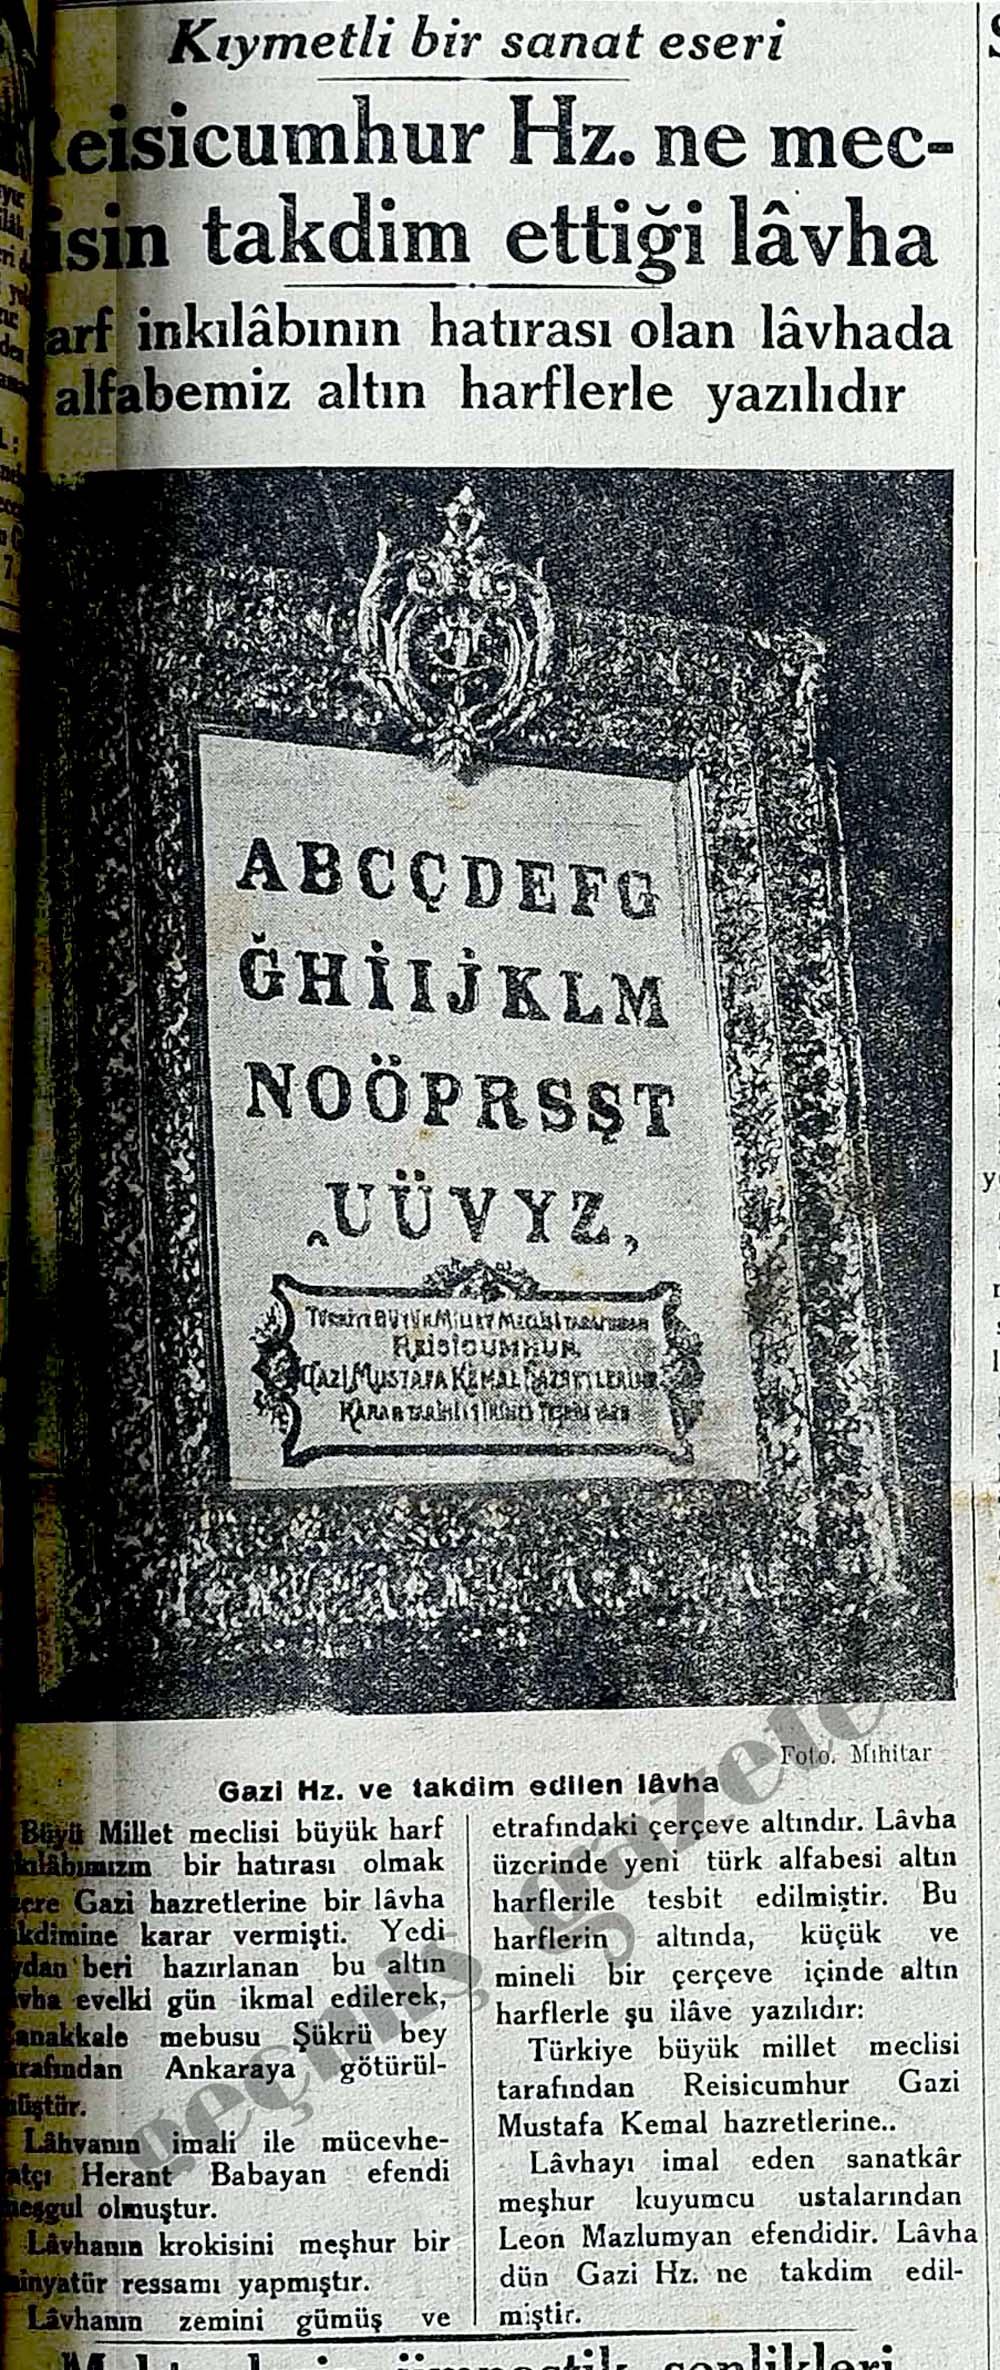 Reisicumhur Hz. ne meclisin takdim ettiği lavha